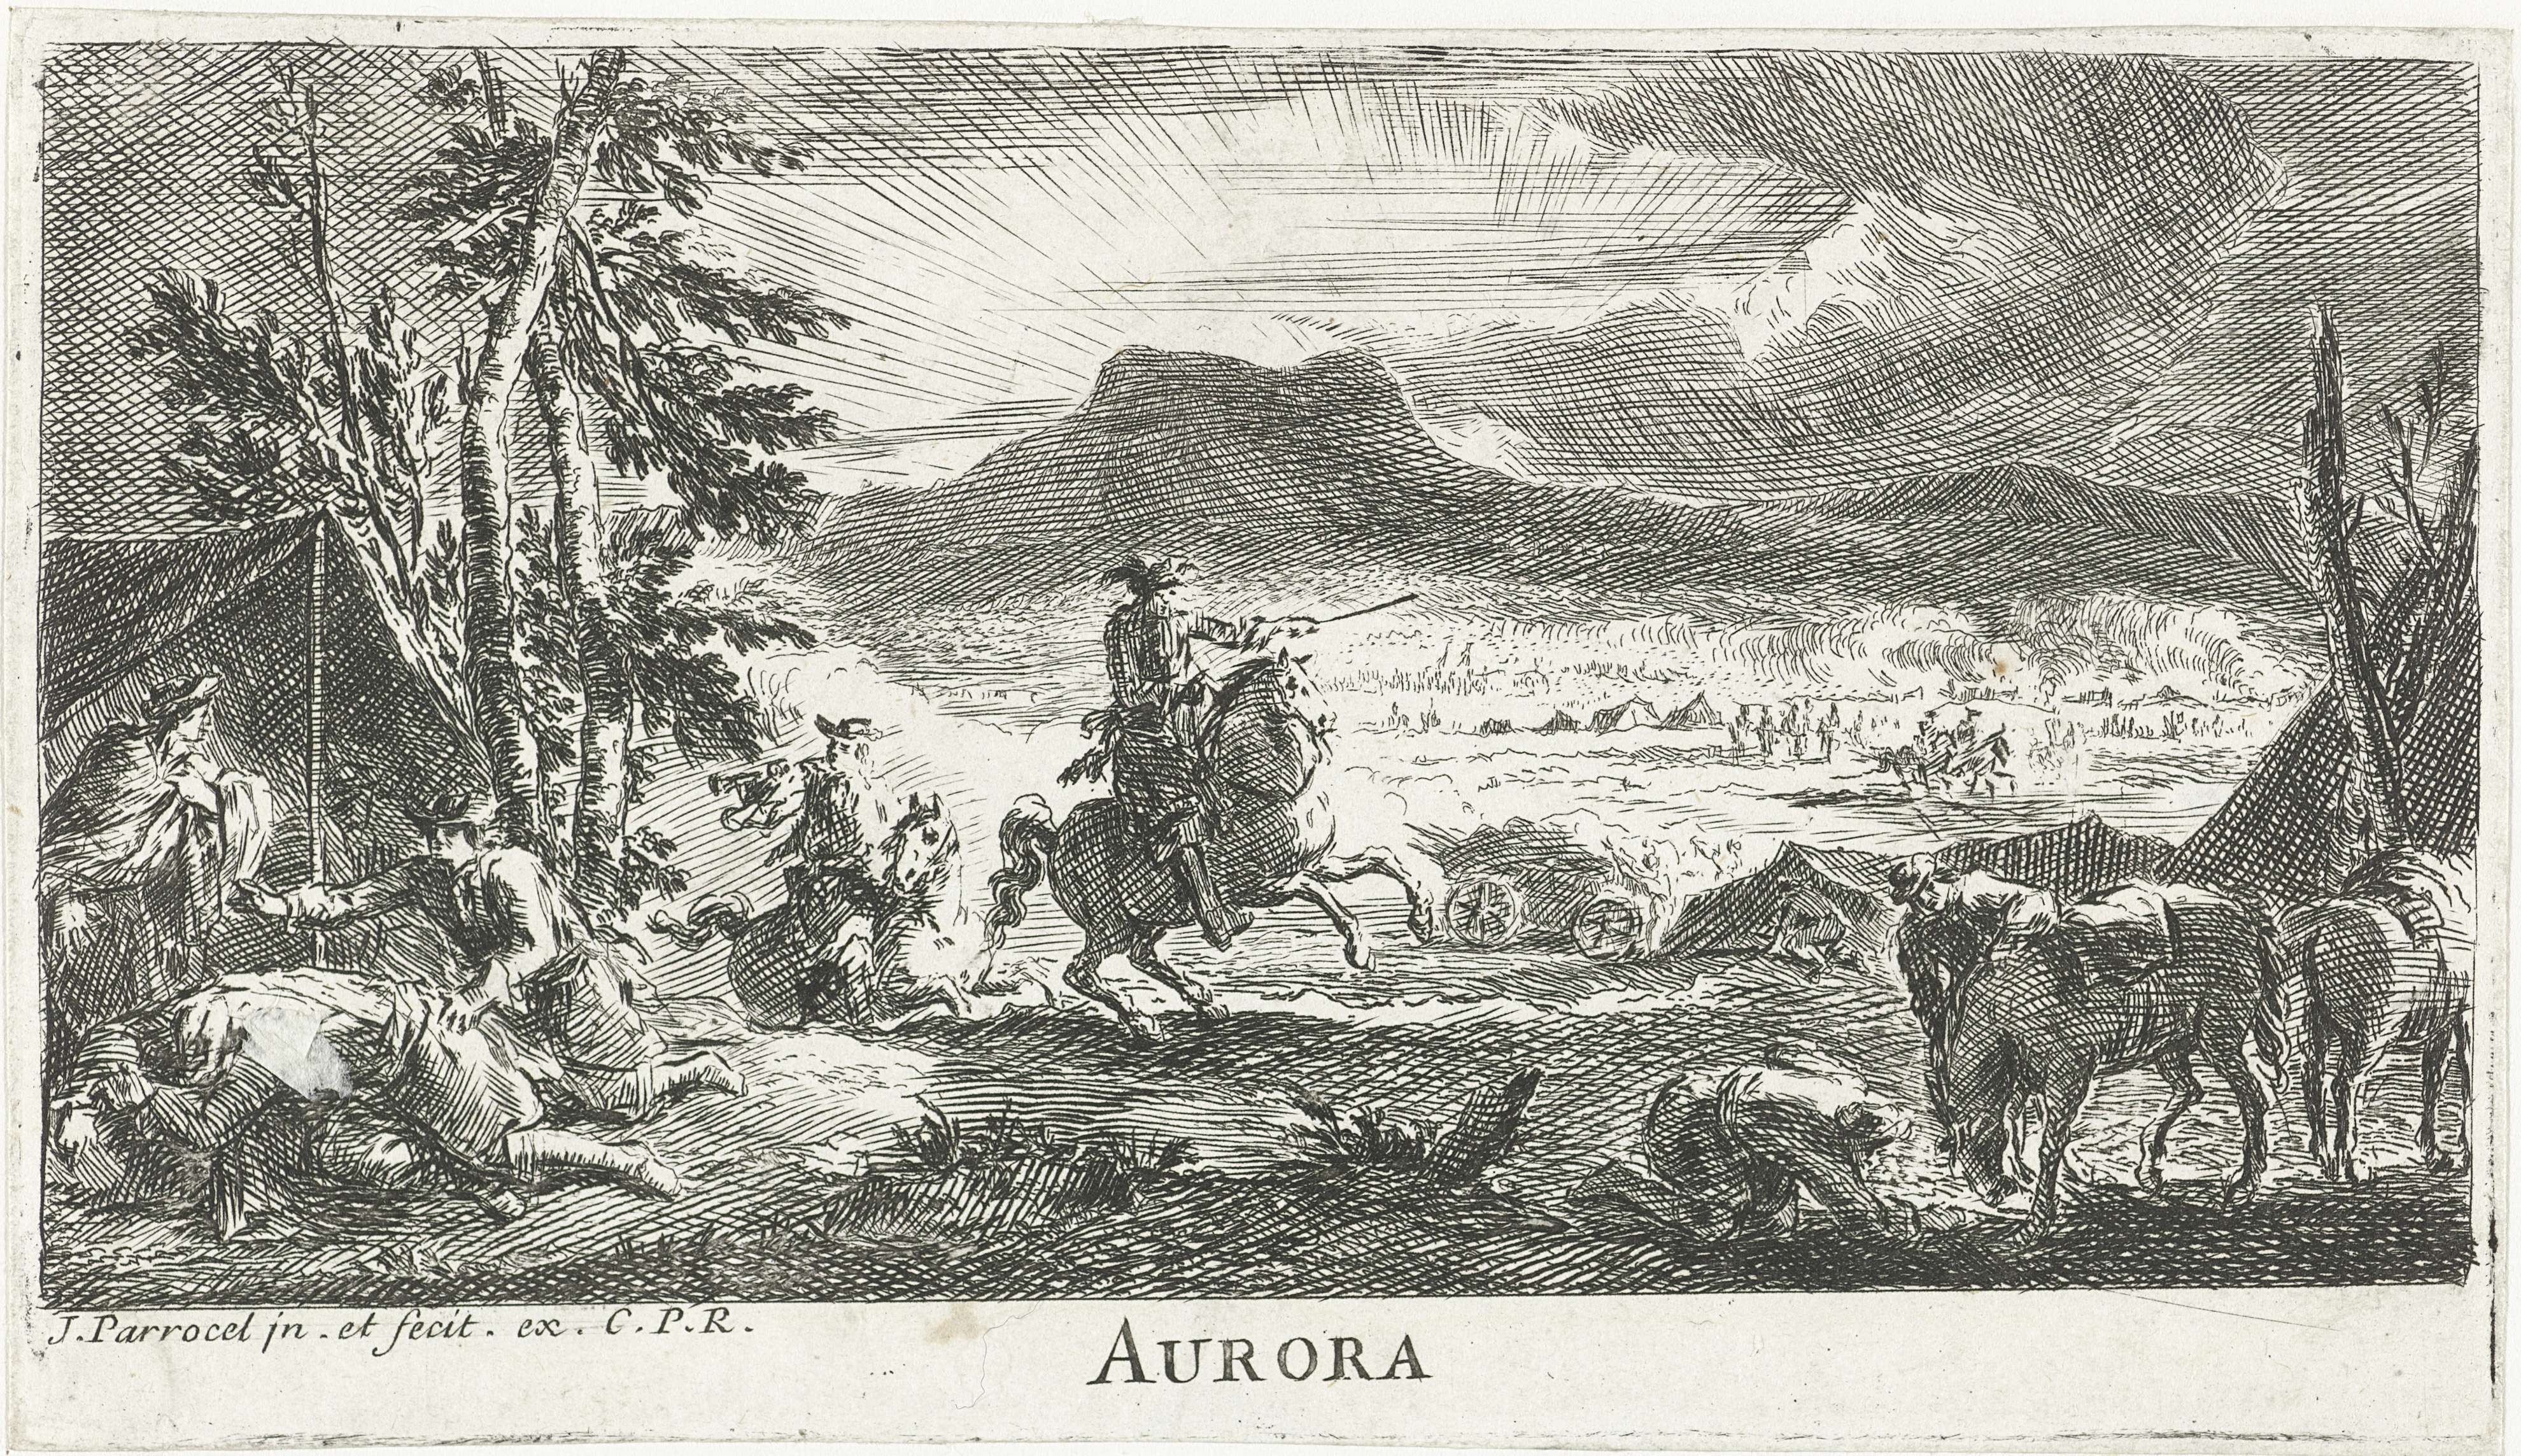 Ochtend, Joseph Parrocel, 1656 - 1703